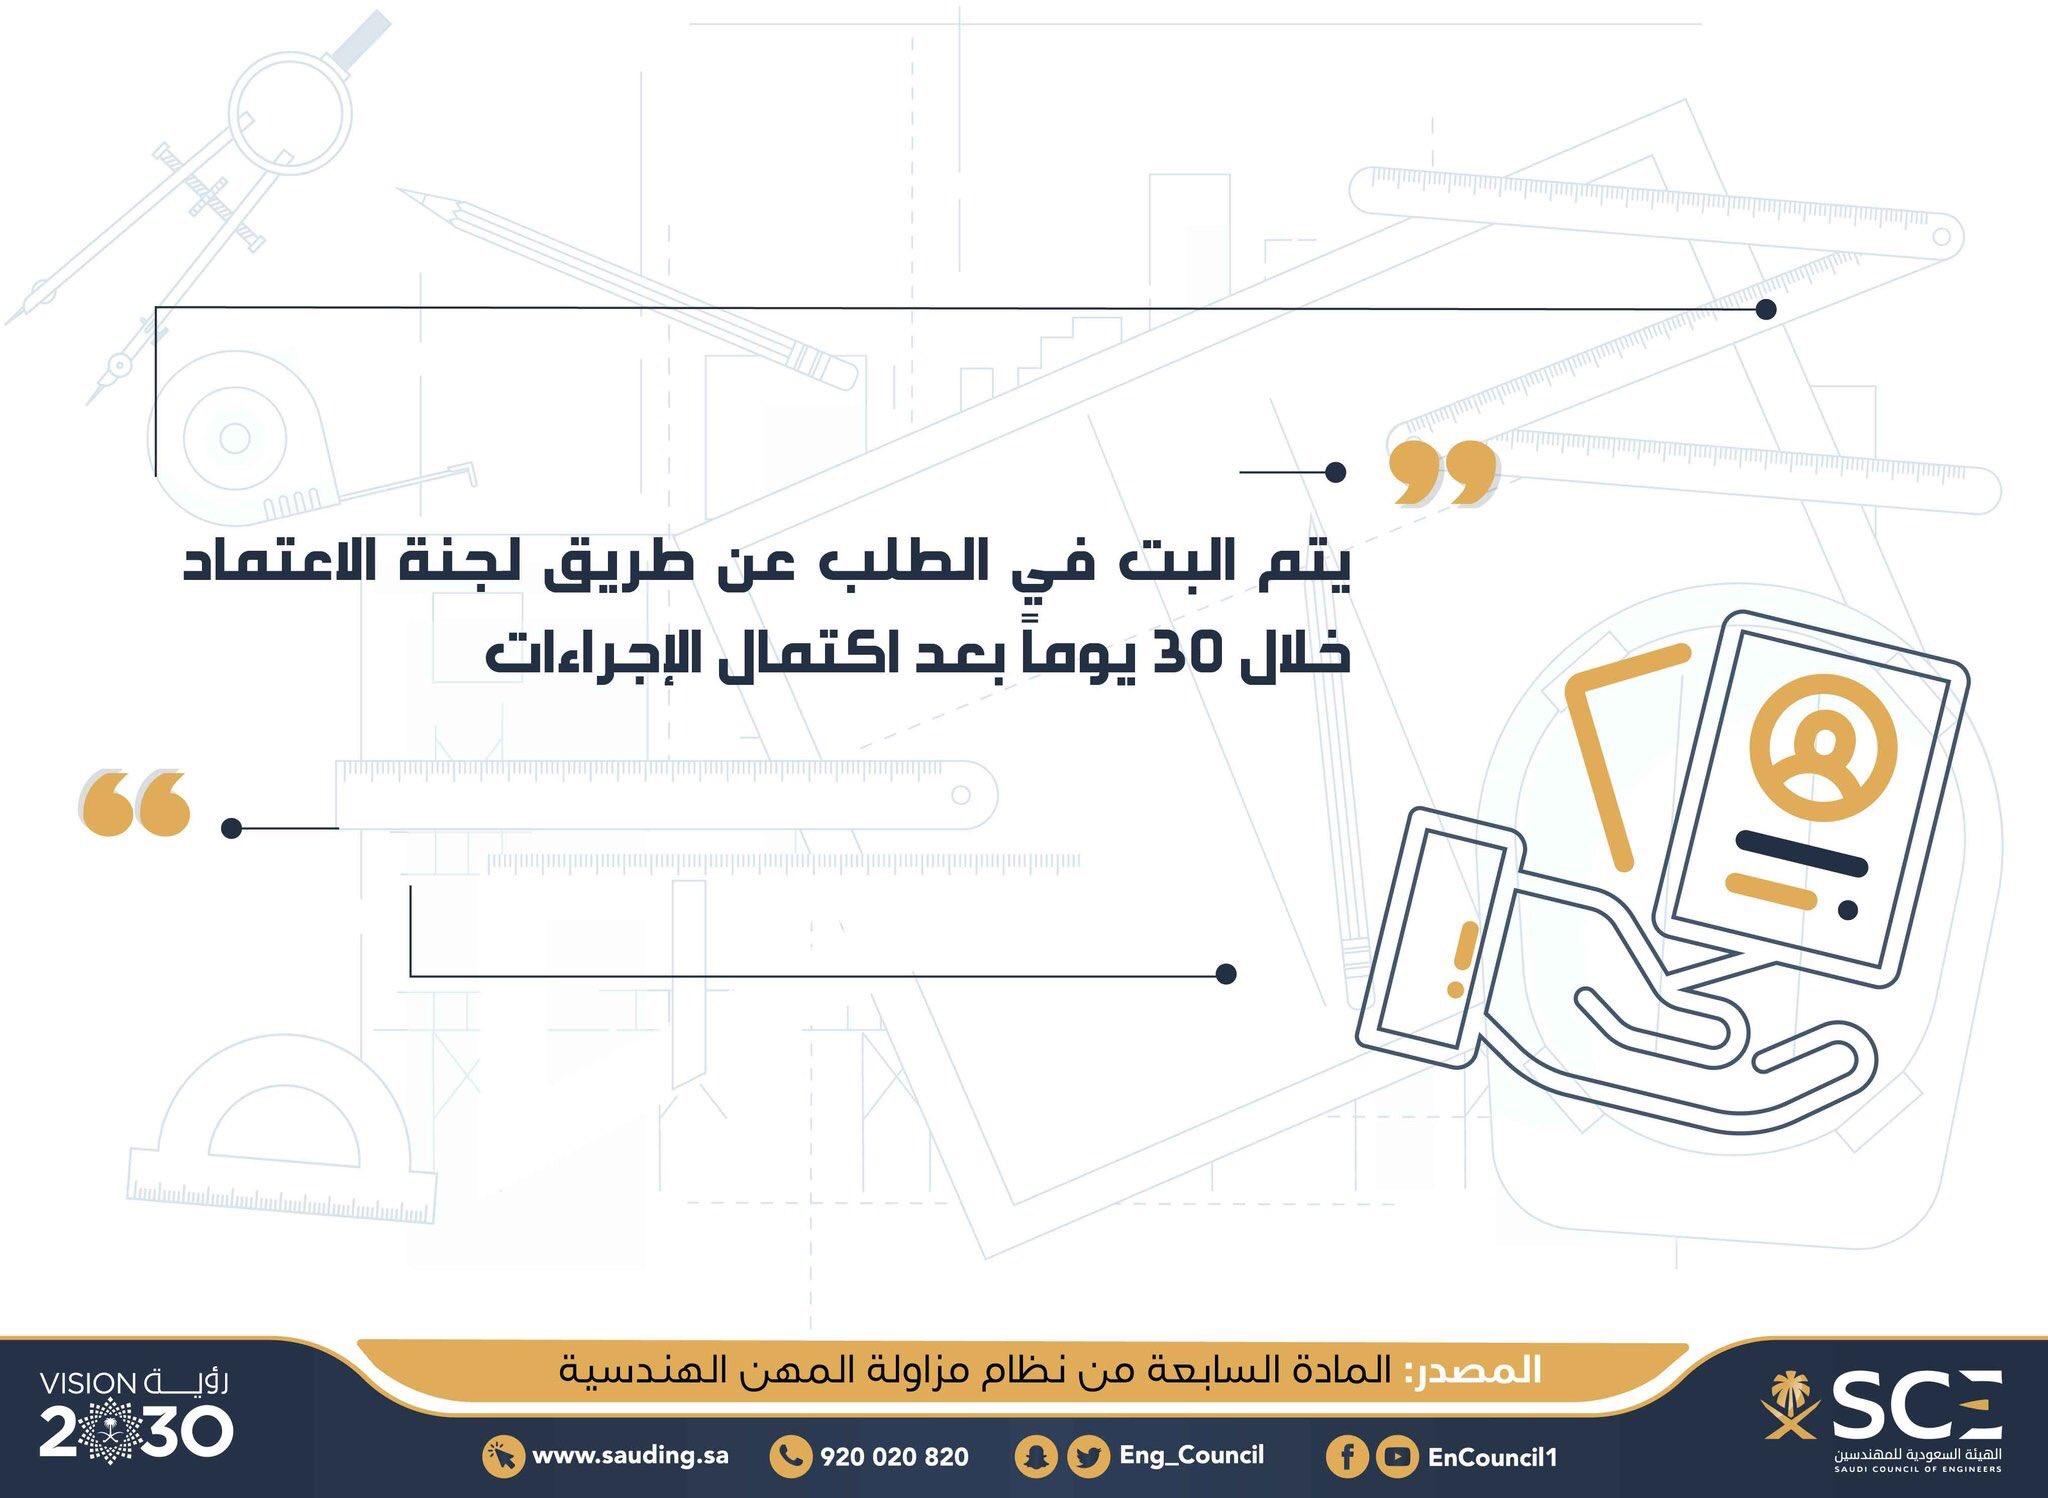 الهيئة السعودية للمهندسين Pa Twitter كم يستغرق البت في طلب الاعتماد المهني نظام مزاولة المهن الهندسية مزاولة